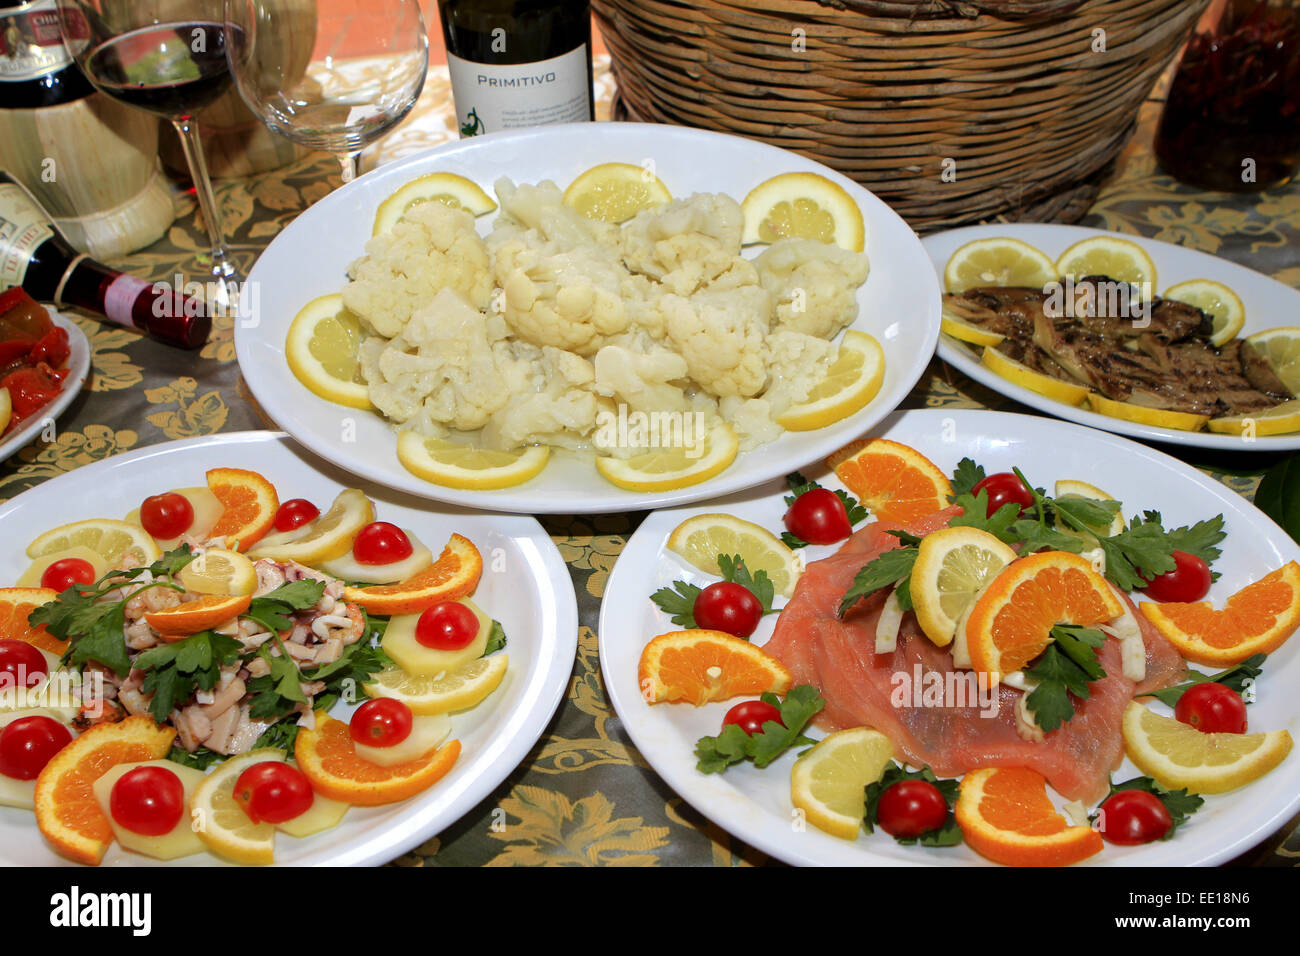 Italienische Möbel Essen : italienisches essen antipasti italienische k che antipasti speisen italienisch ~ Sanjose-hotels-ca.com Haus und Dekorationen